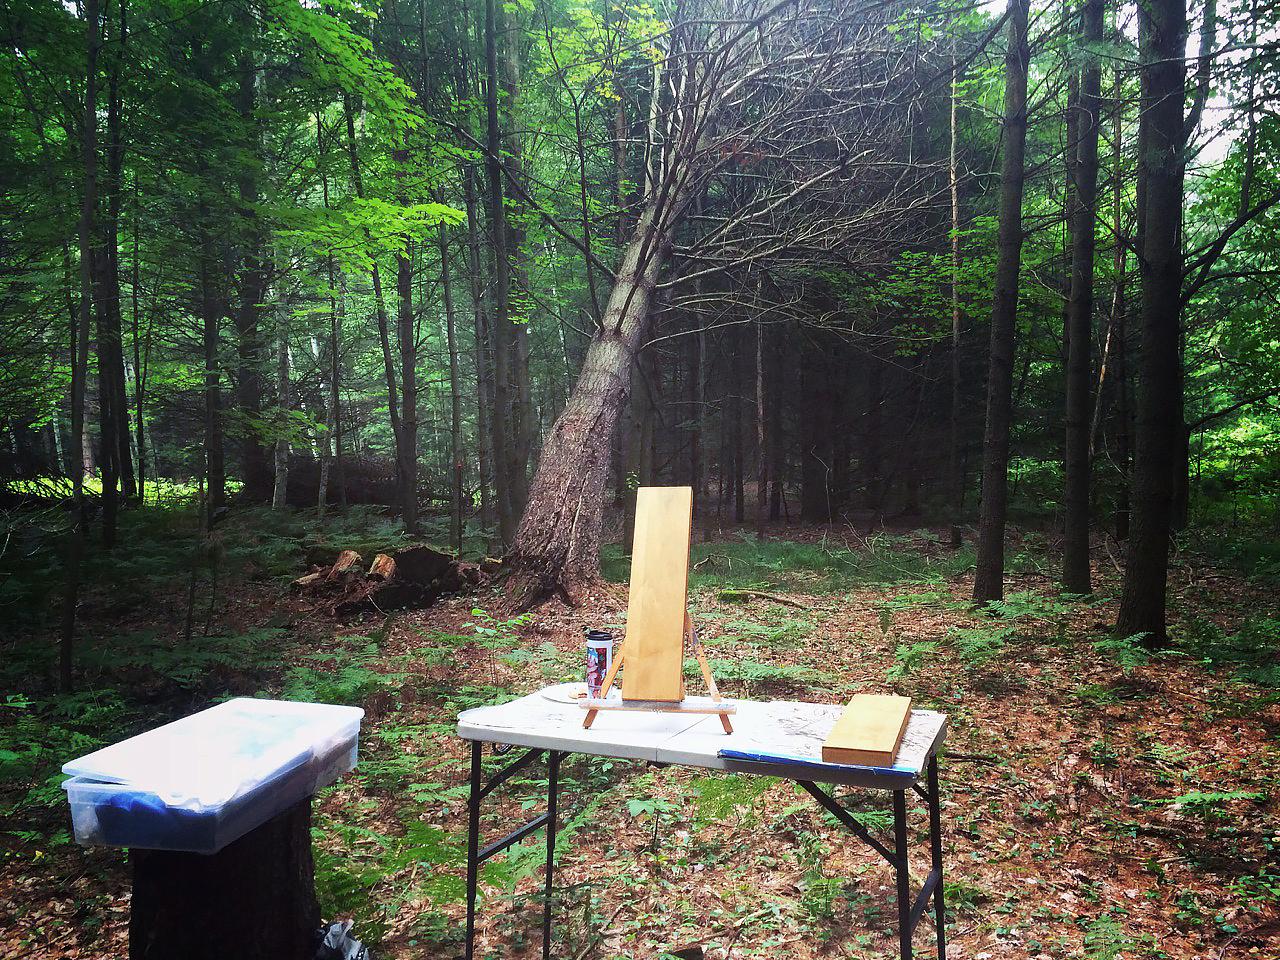 Outdoor studio | Sobieski, WI